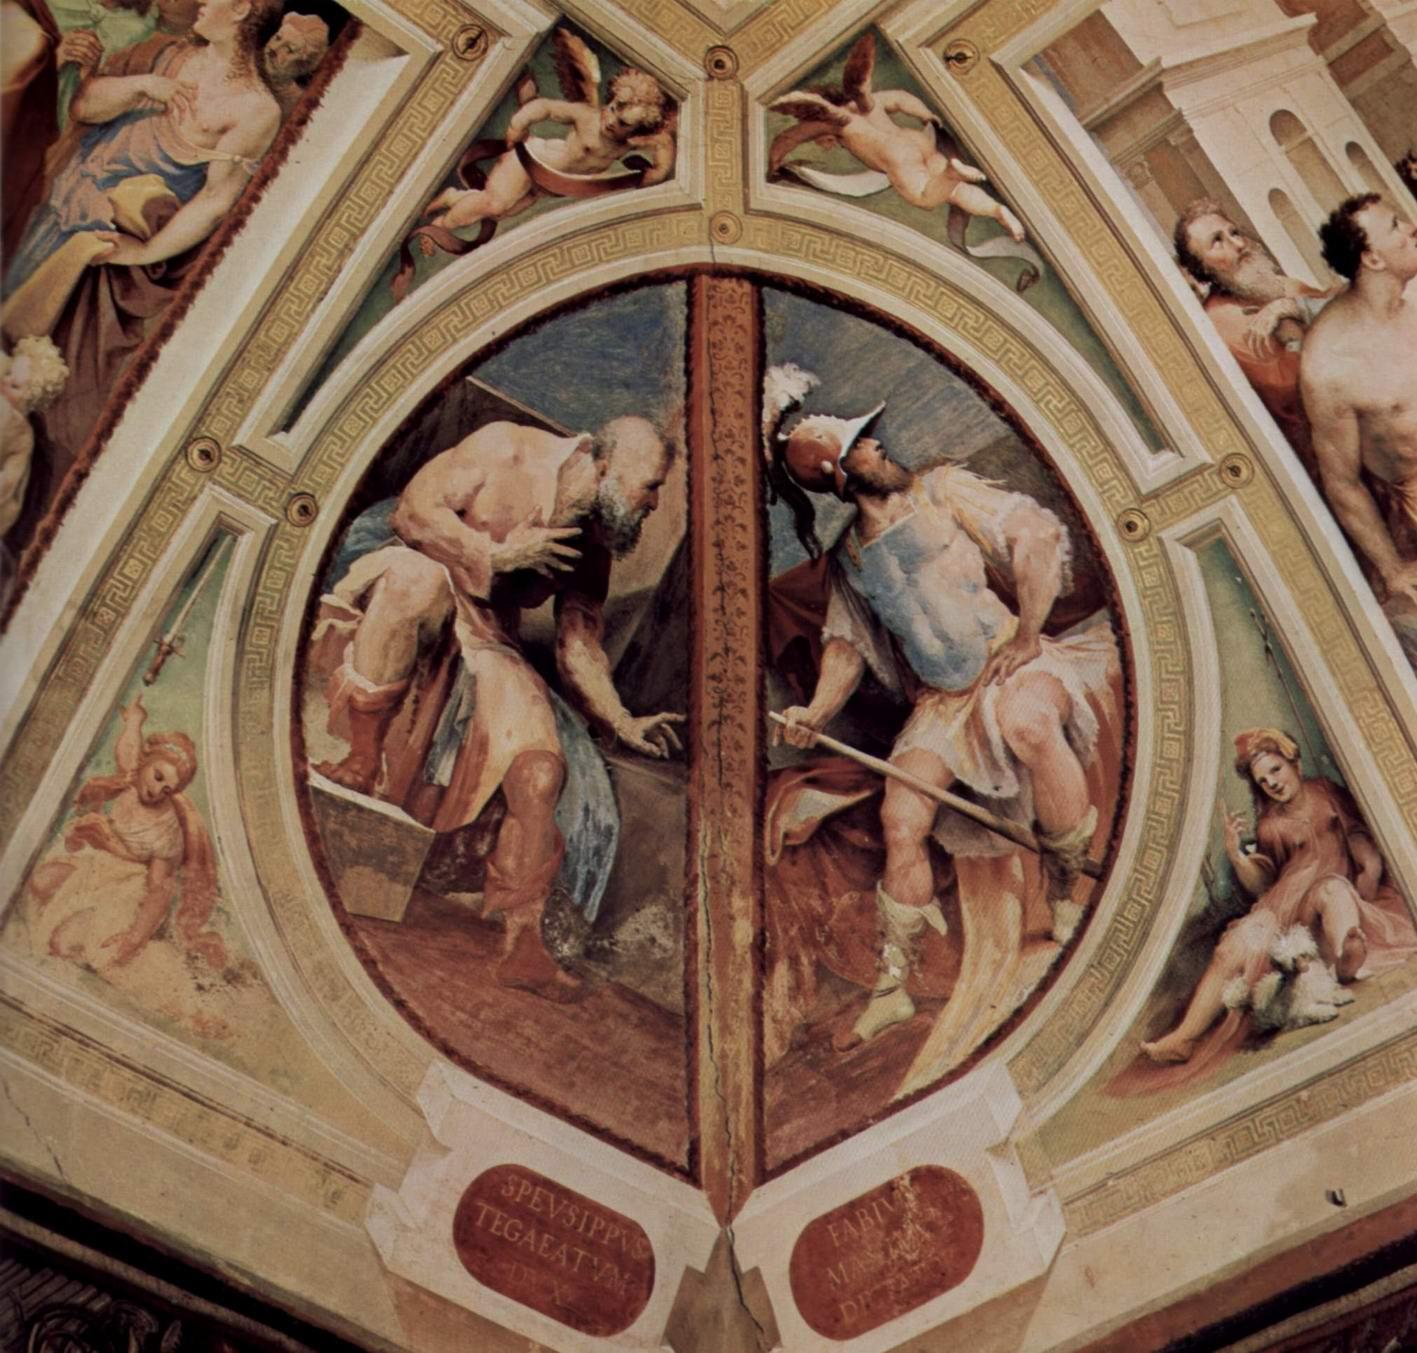 Аллегорический цикл фресок (Политические добродетели) из Палаццо Пубблико в Сиене. Спевсипп Тегеат и Фабий Великий, Беккафуми Доменико